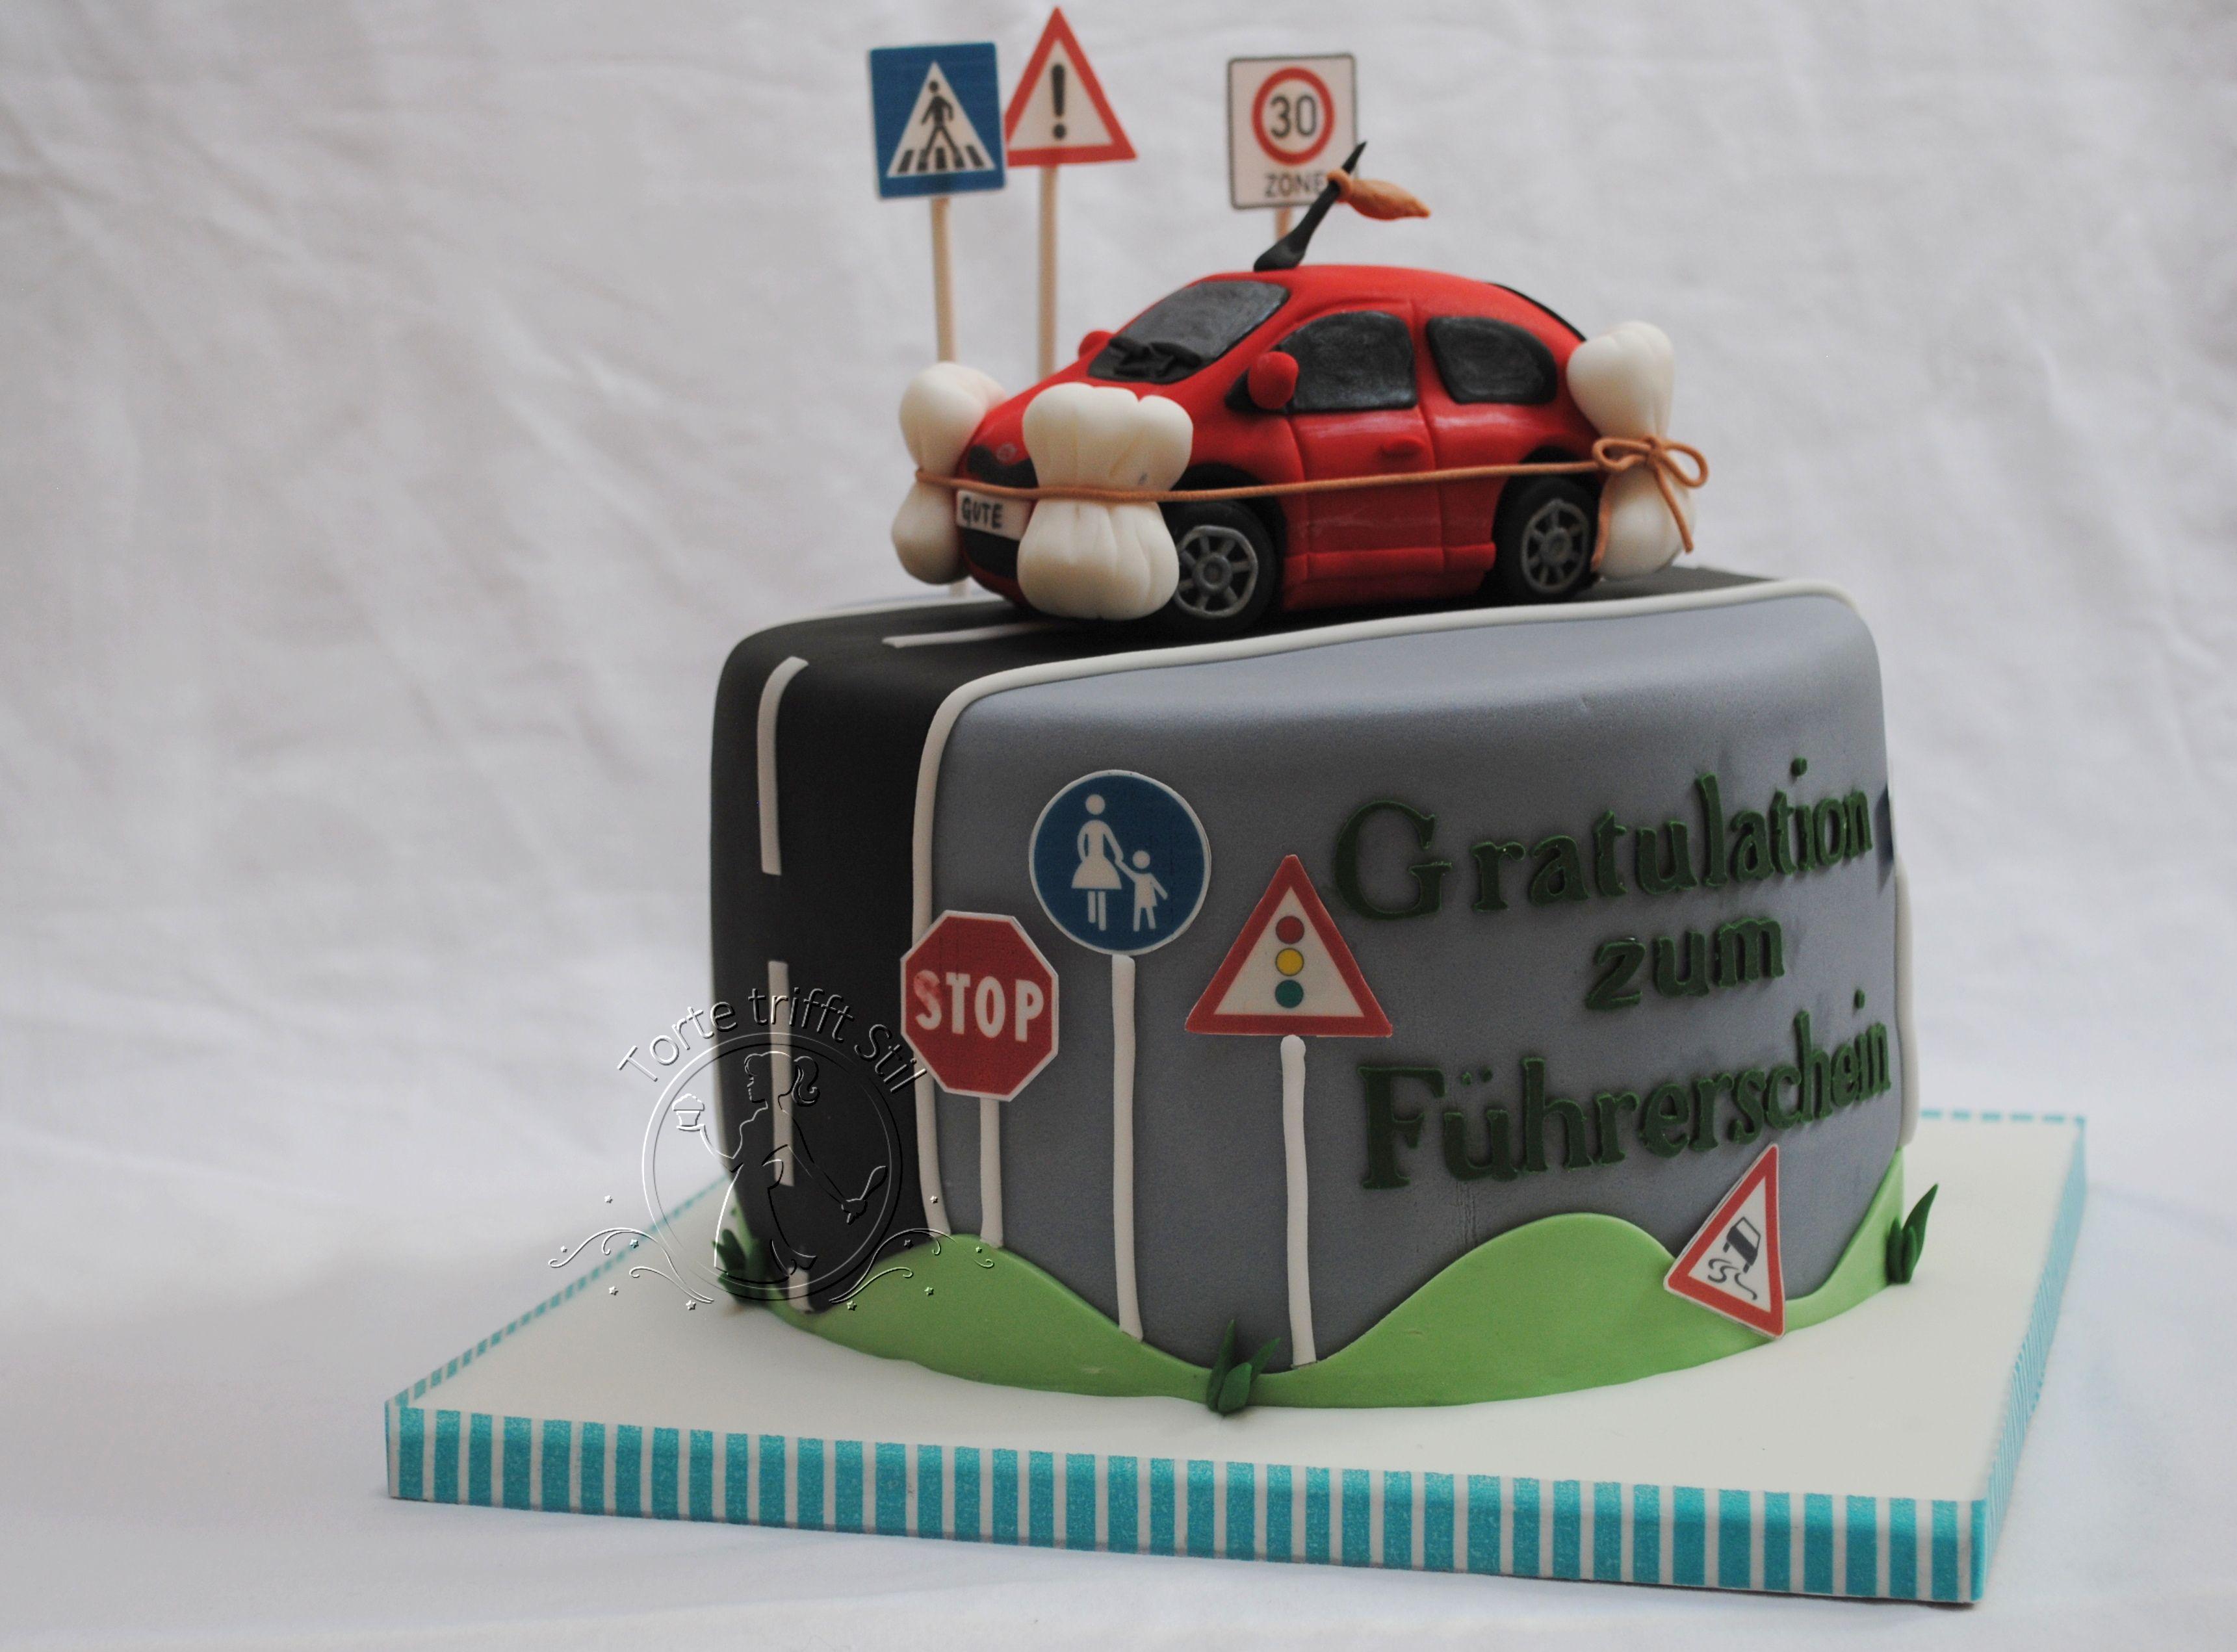 Zum Fuhrerschein Torte Trifft Stil Cars Kuchen Motivtorte Geburtstag Geburtstagstorte